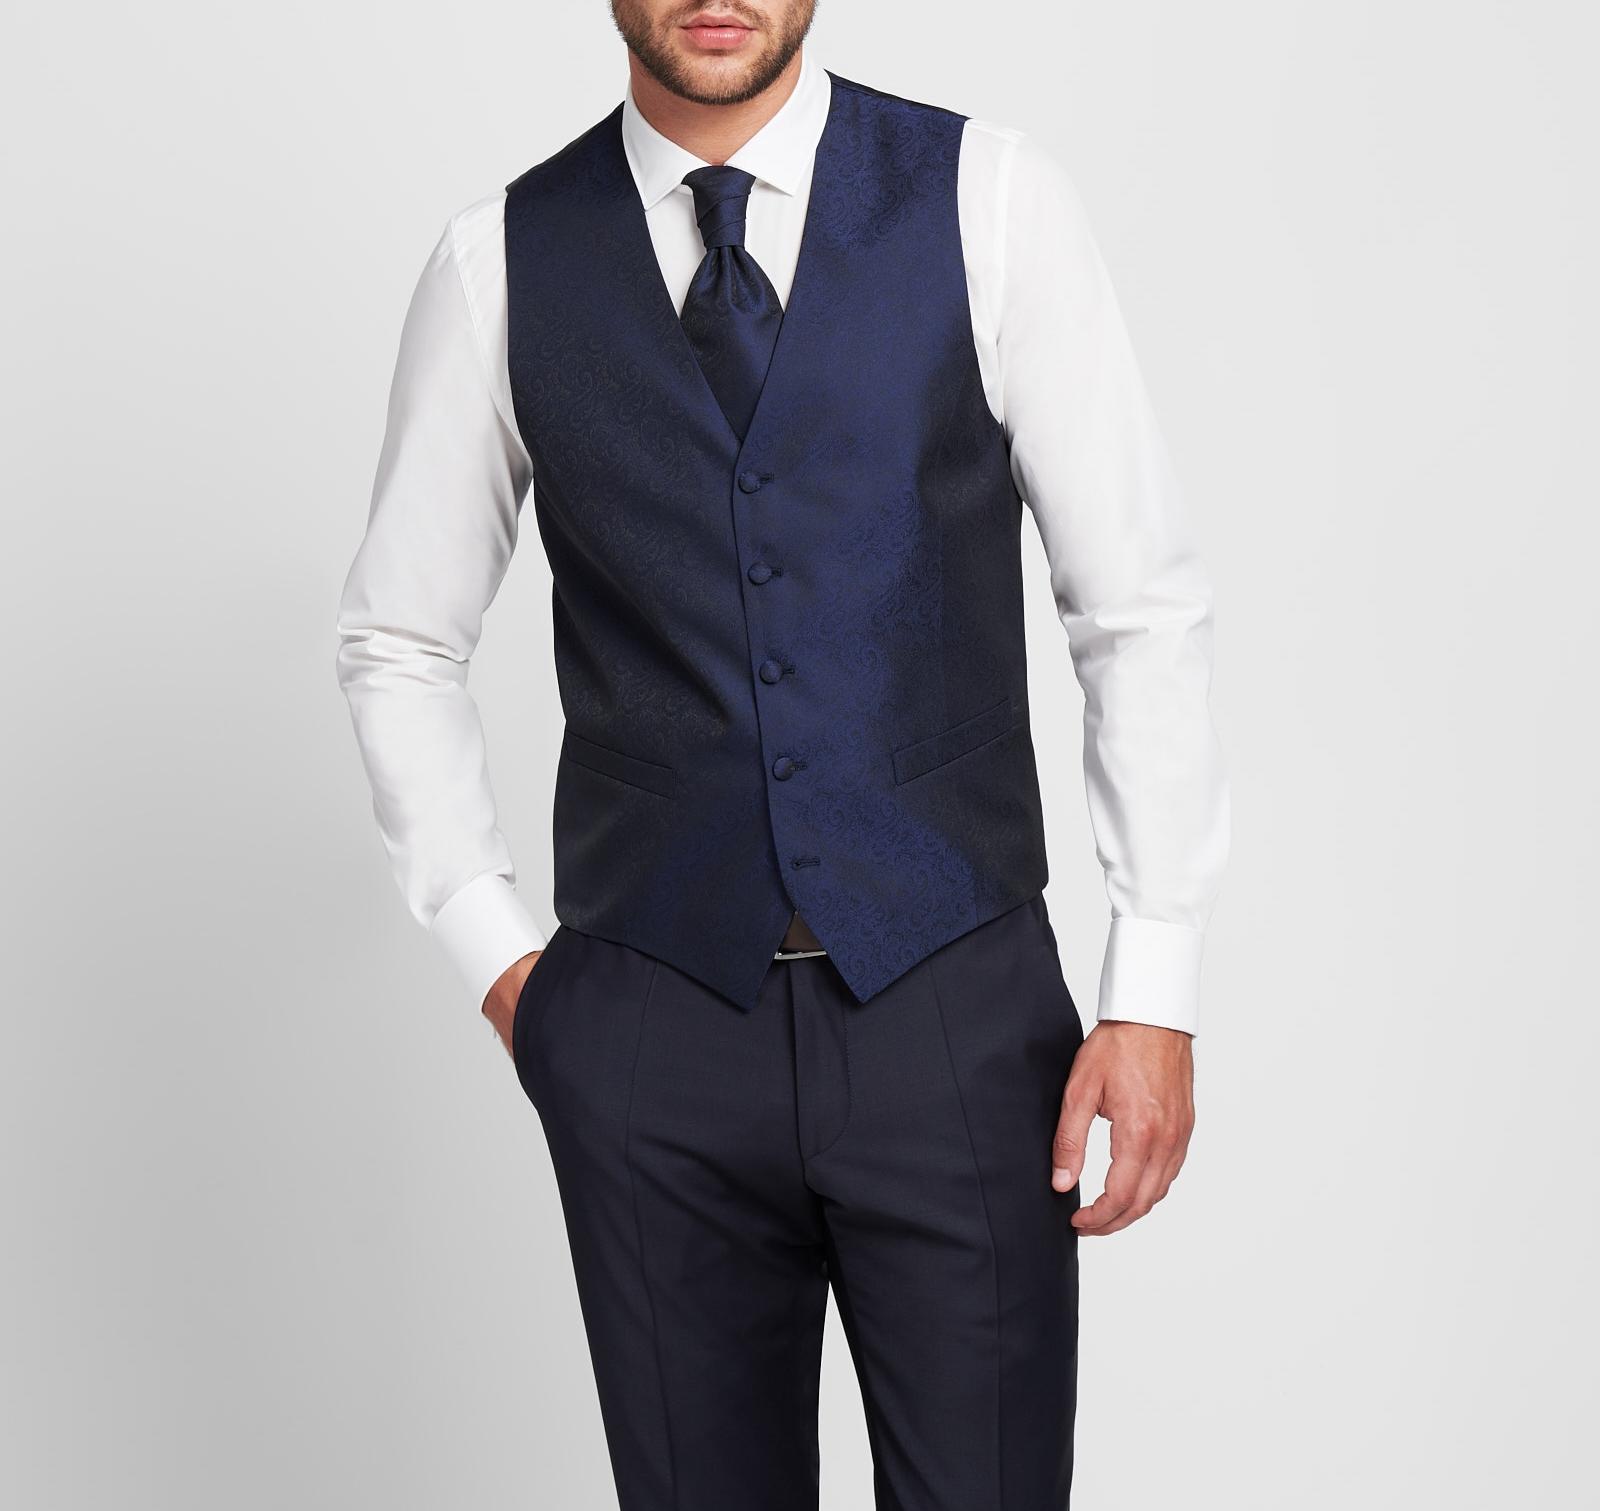 ampia selezione famoso marchio di stilisti nuovi prezzi più bassi Panciotto uomo Digel da cerimonia Blu completo di cravatta e ...